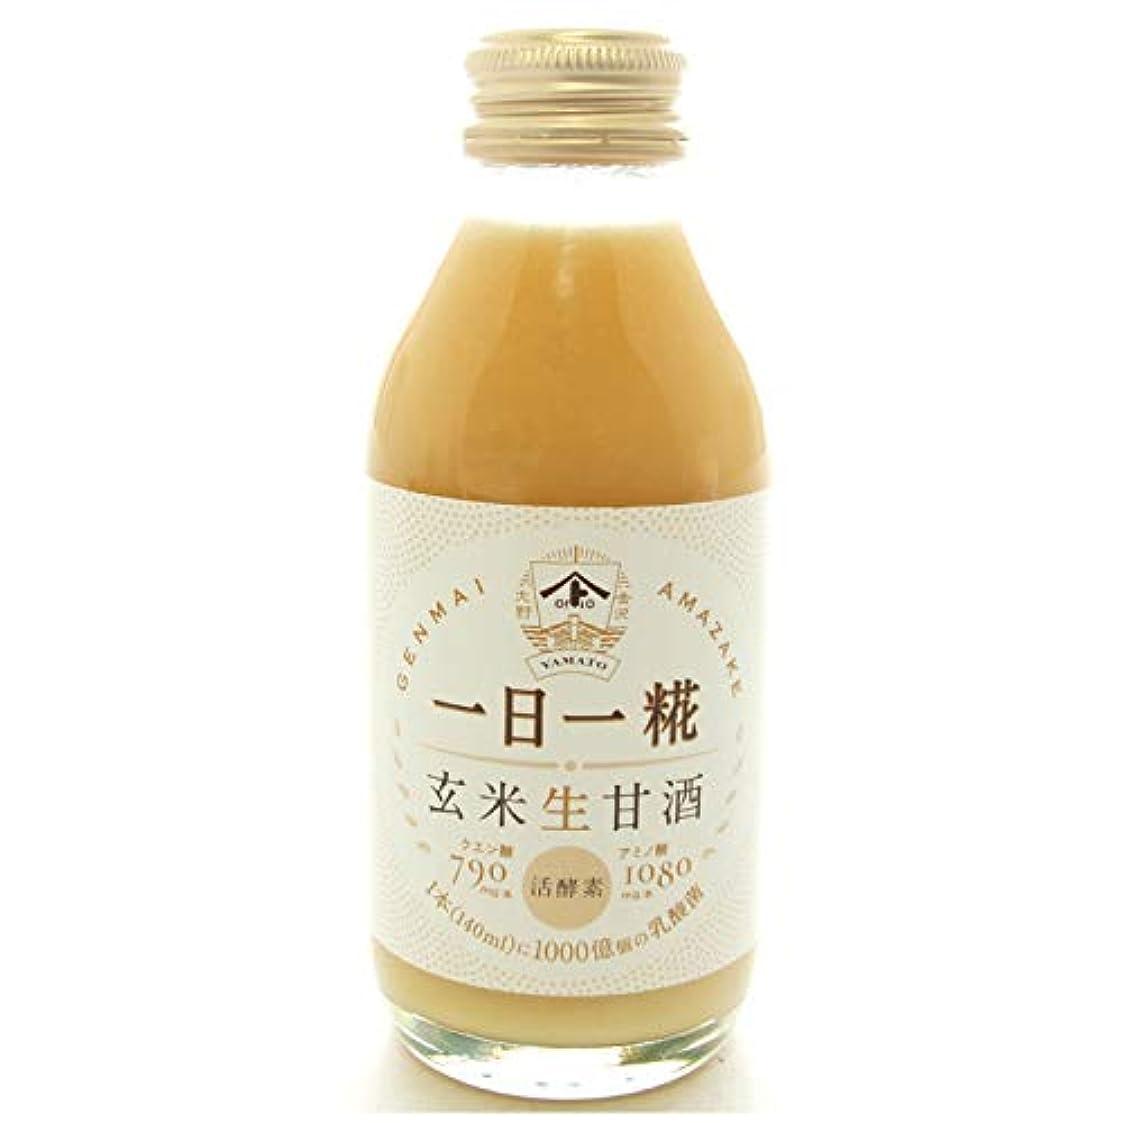 ミニチュアなに根絶する【生玄米甘酒 一日一糀 140ml×12本】非加熱。ノンアルコール。砂糖不使用